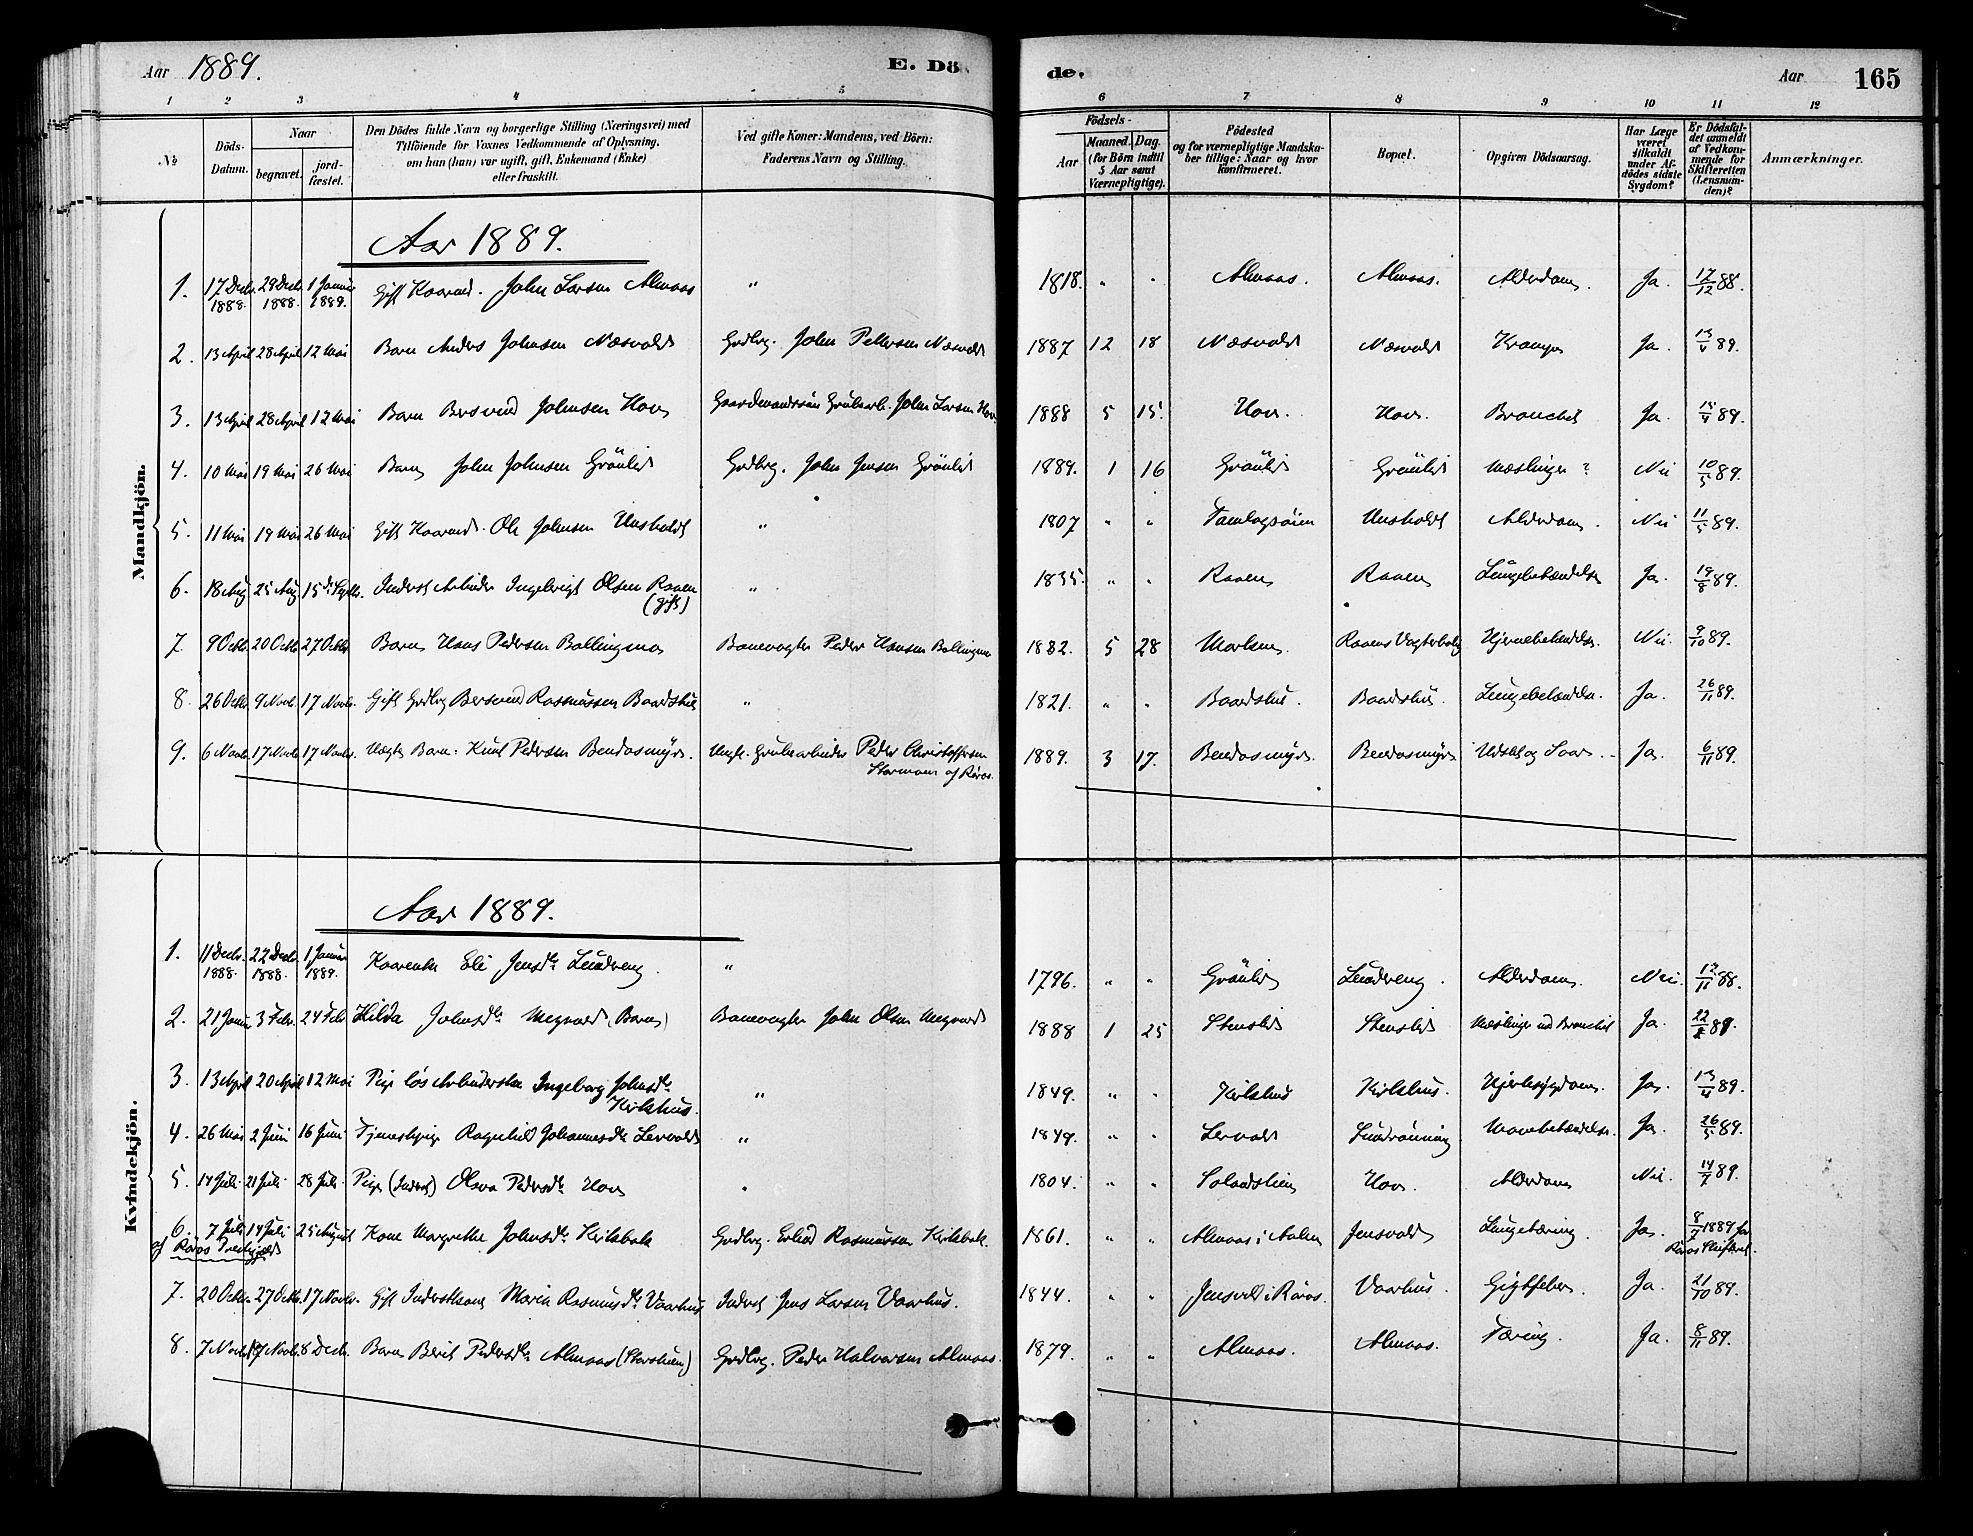 SAT, Ministerialprotokoller, klokkerbøker og fødselsregistre - Sør-Trøndelag, 686/L0983: Ministerialbok nr. 686A01, 1879-1890, s. 165